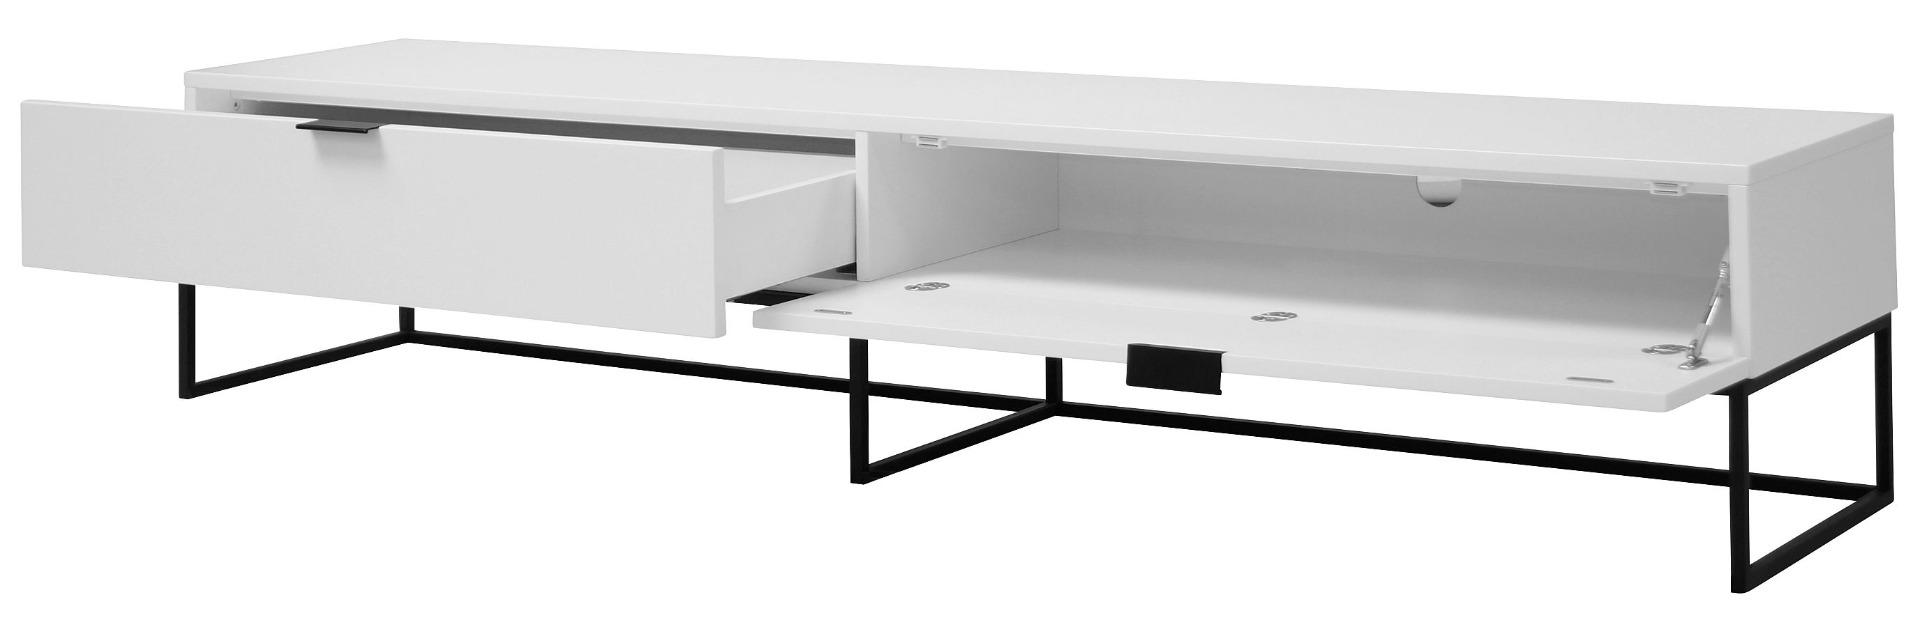 24Designs Onni TV-meubel 1-Lade + 1 Klepdeur - 200x40x40 - Wit